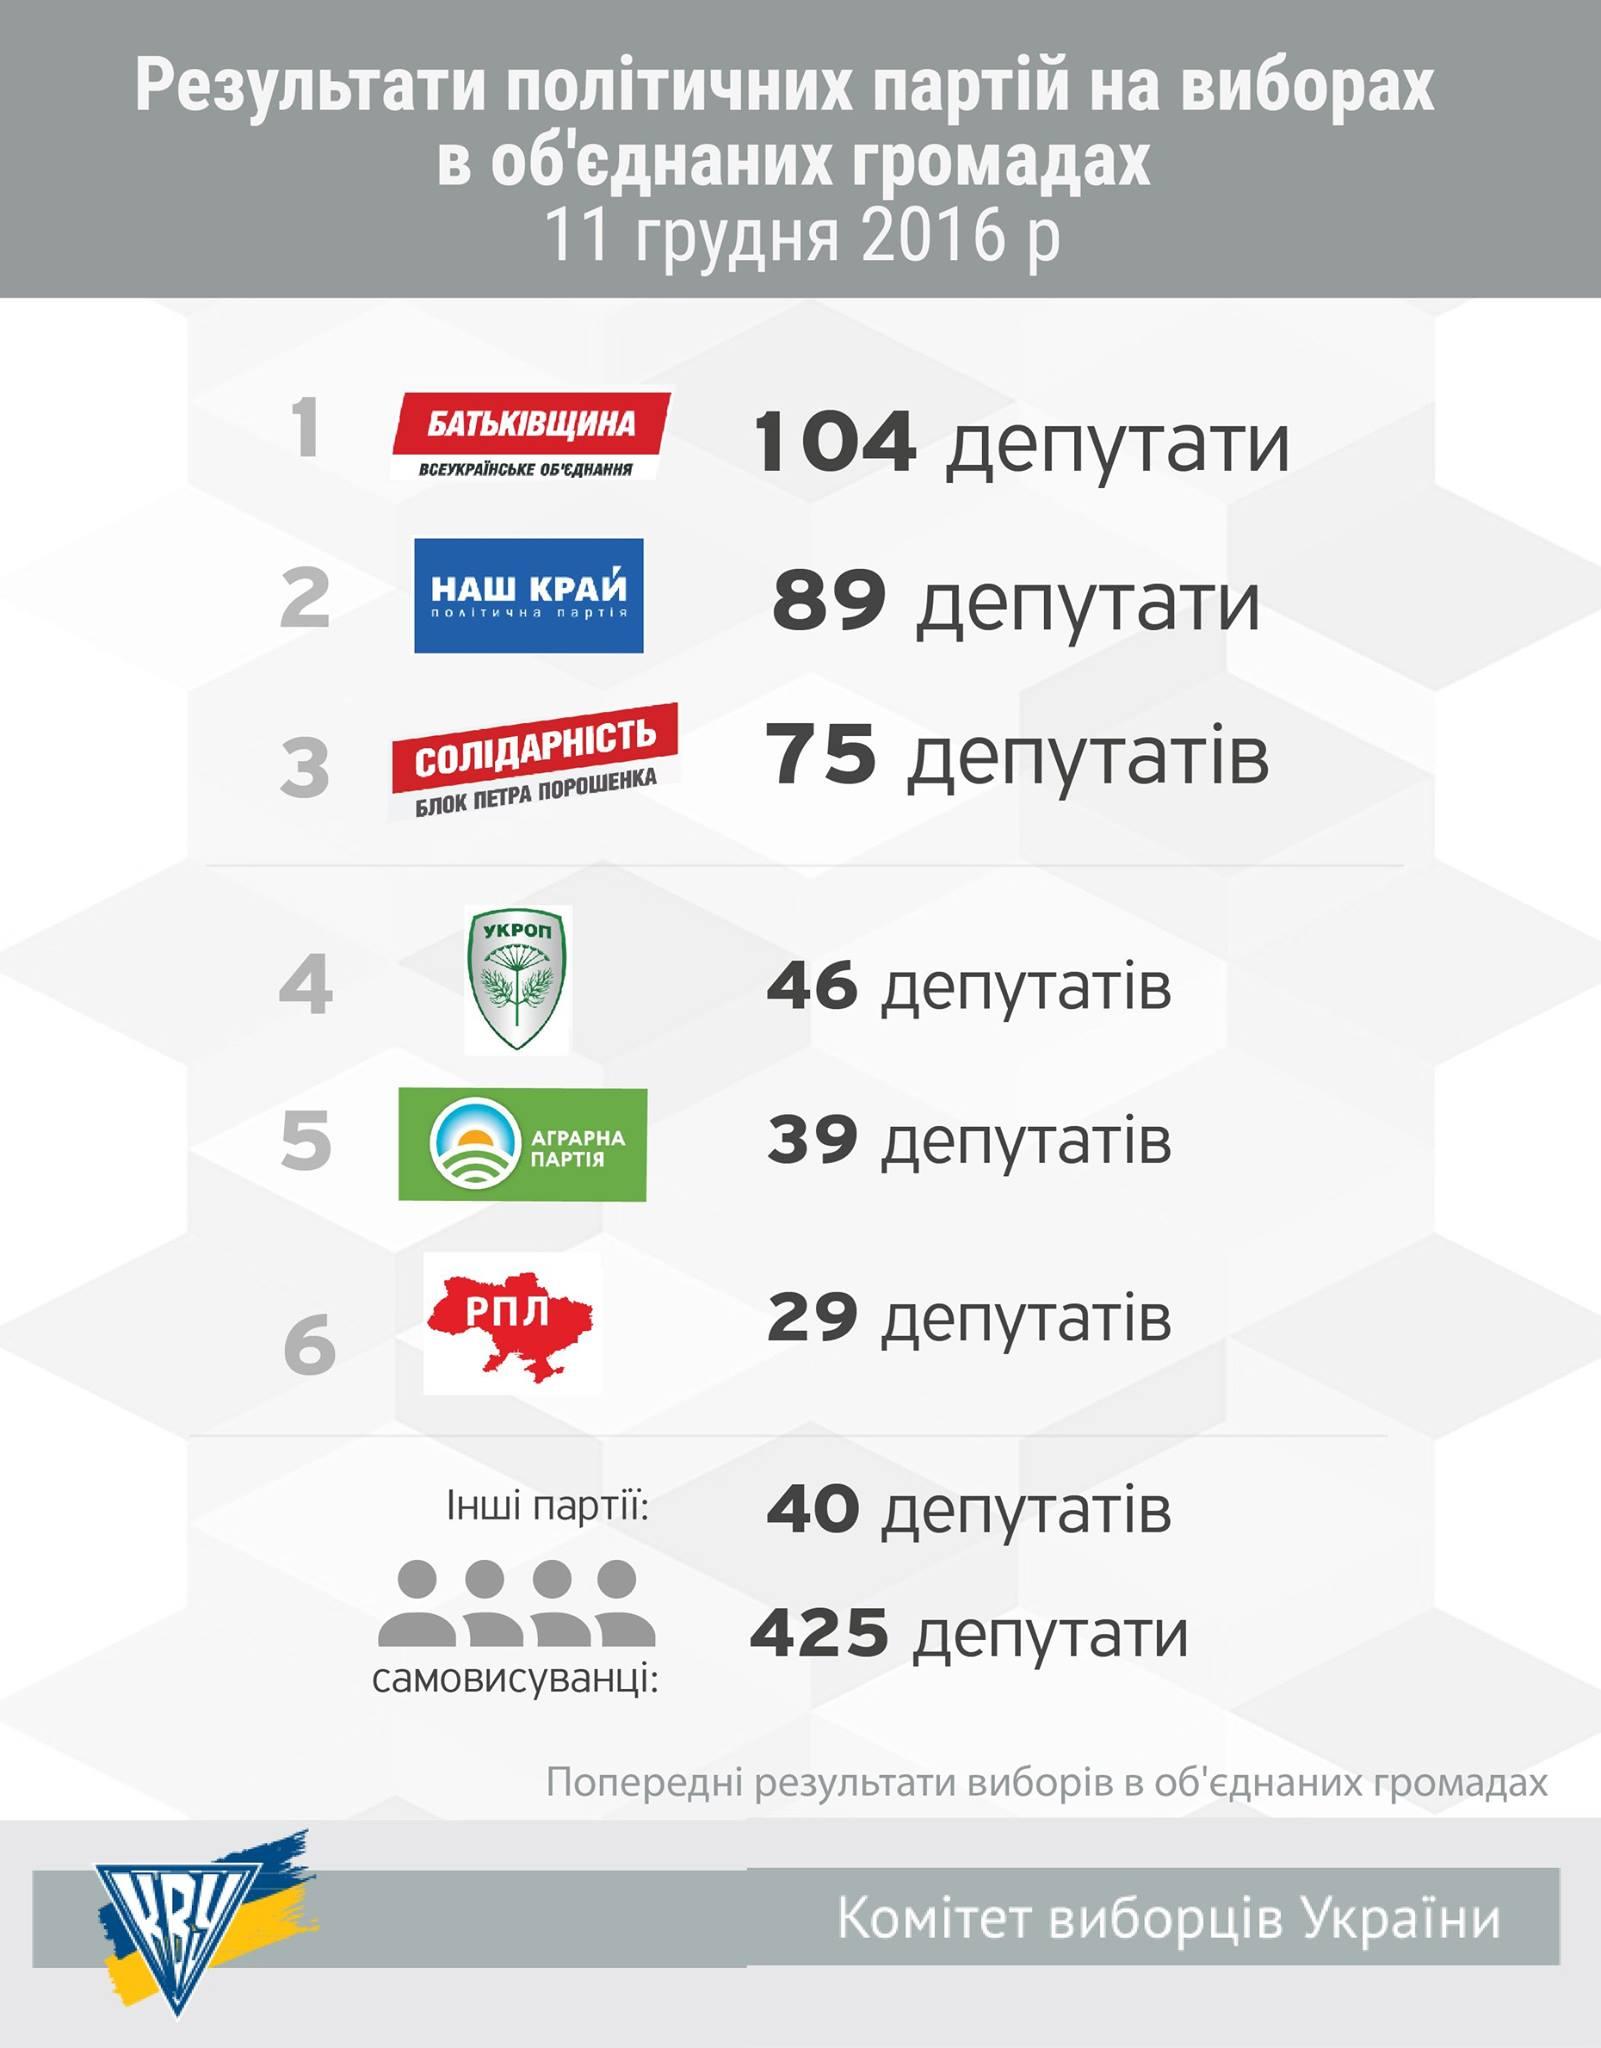 """""""Батьківщина"""" та """"Наш край"""" перемогли на виборах у місцевих громадах, – КВУ - фото 1"""